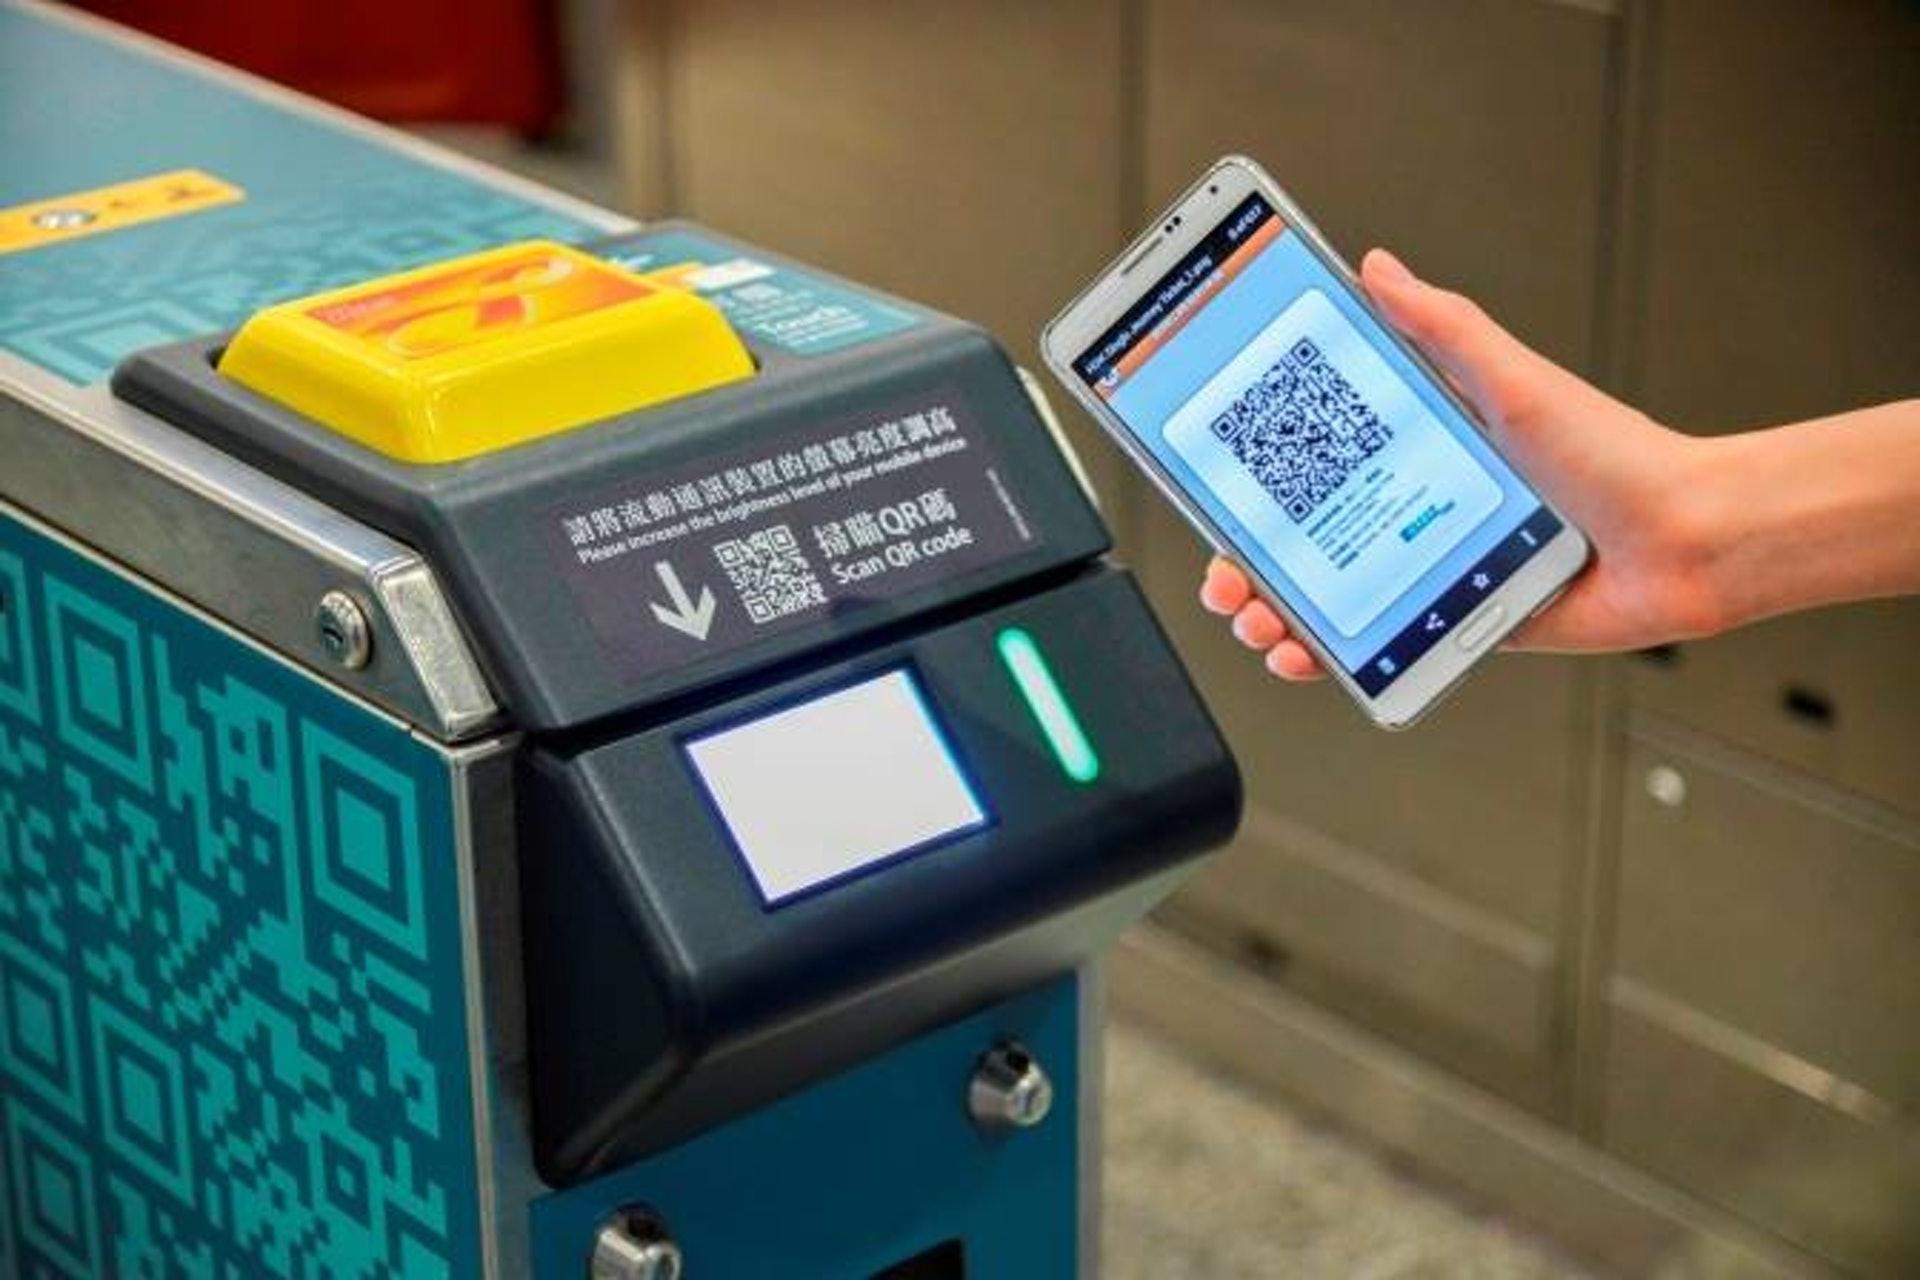 港鐵閘機擬增設QR Code付費過閘時間或延長但有藥可救|香港01|01觀點